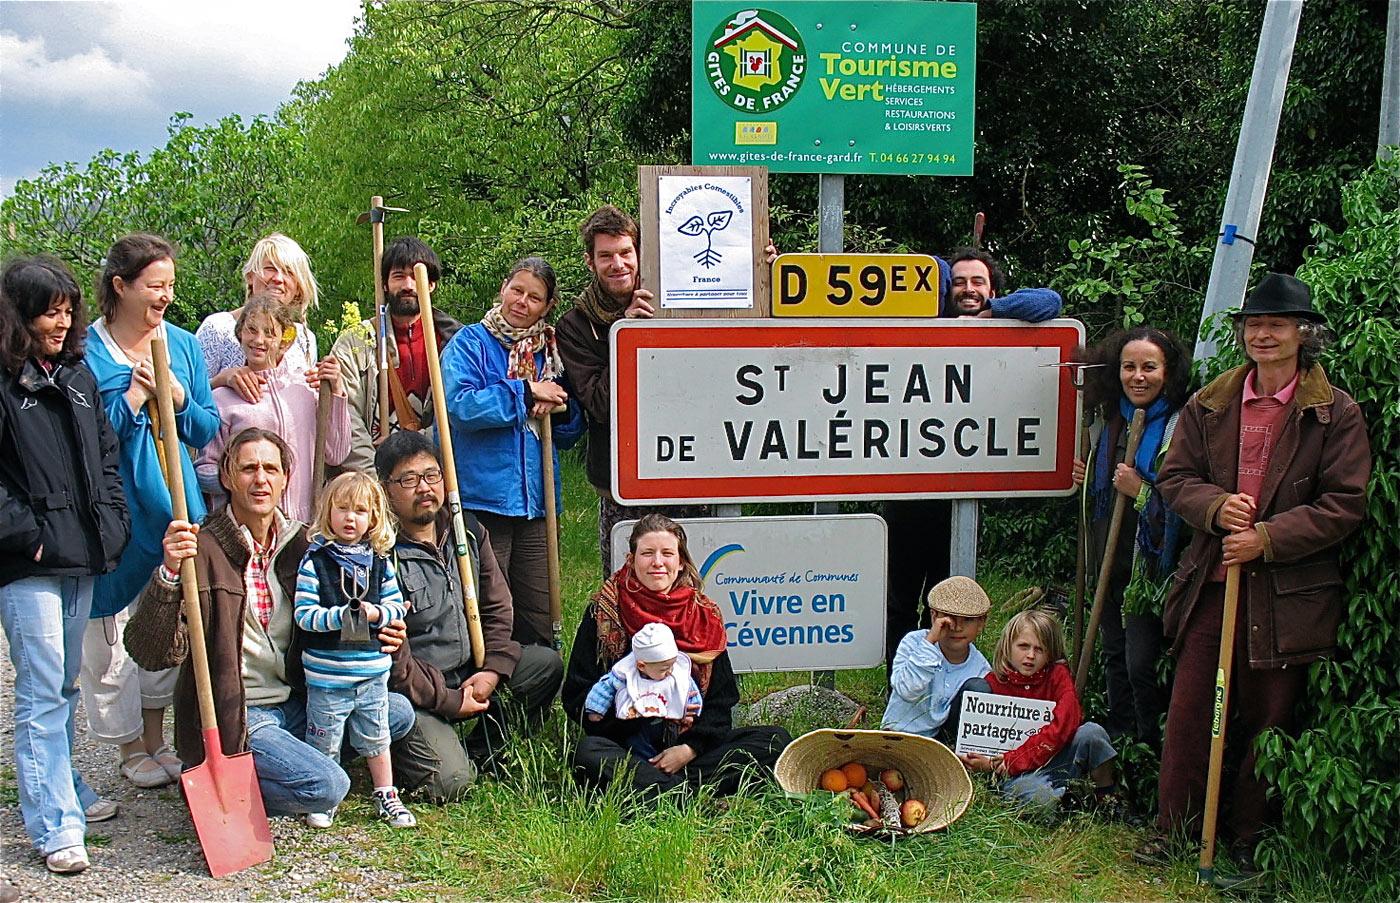 c374_incredible_edible_todmorden_france_gard_saint-jean-de-valeriscle_incroyables_comestibles_w1400